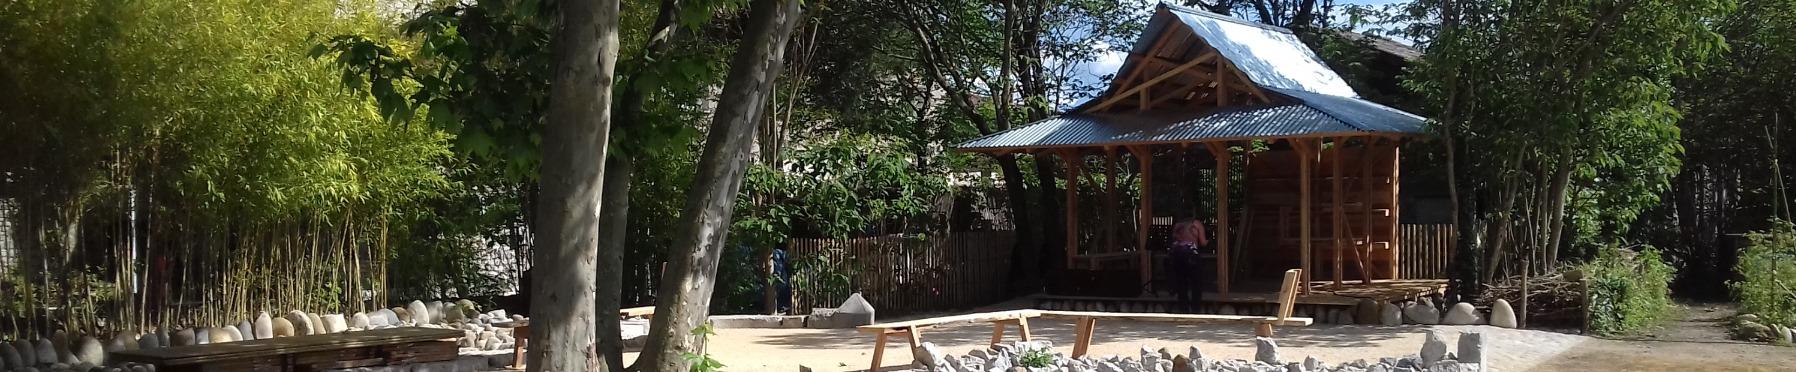 L'Enclos, un projet d'espace public partagé